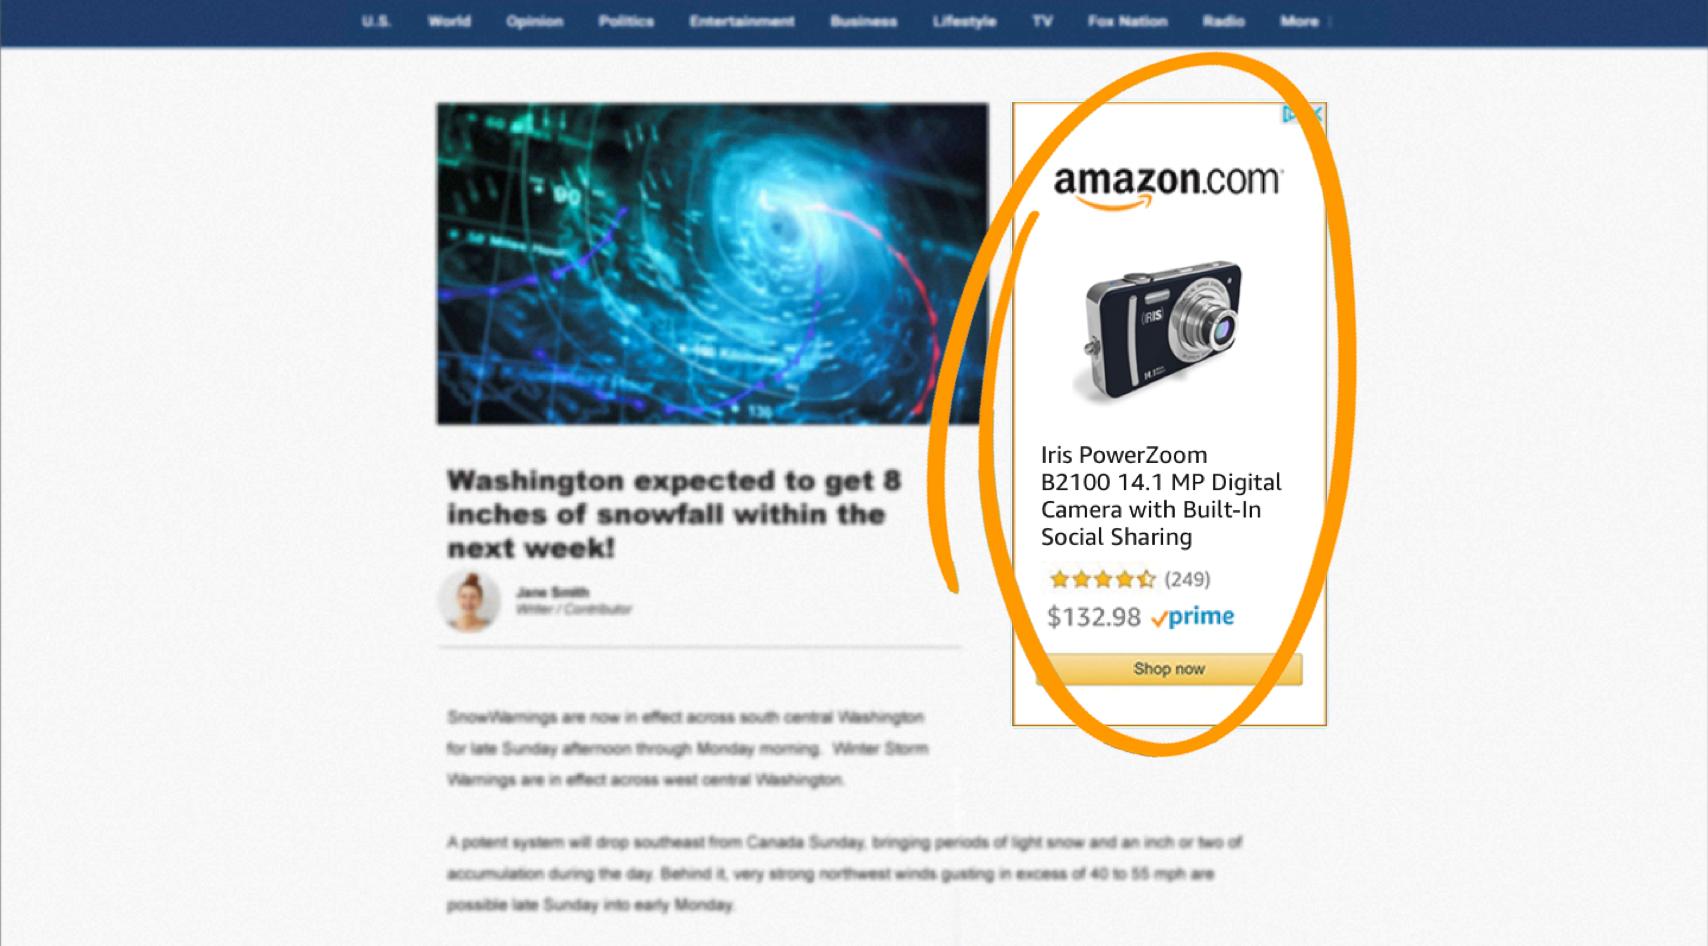 亚马逊商品展示广告